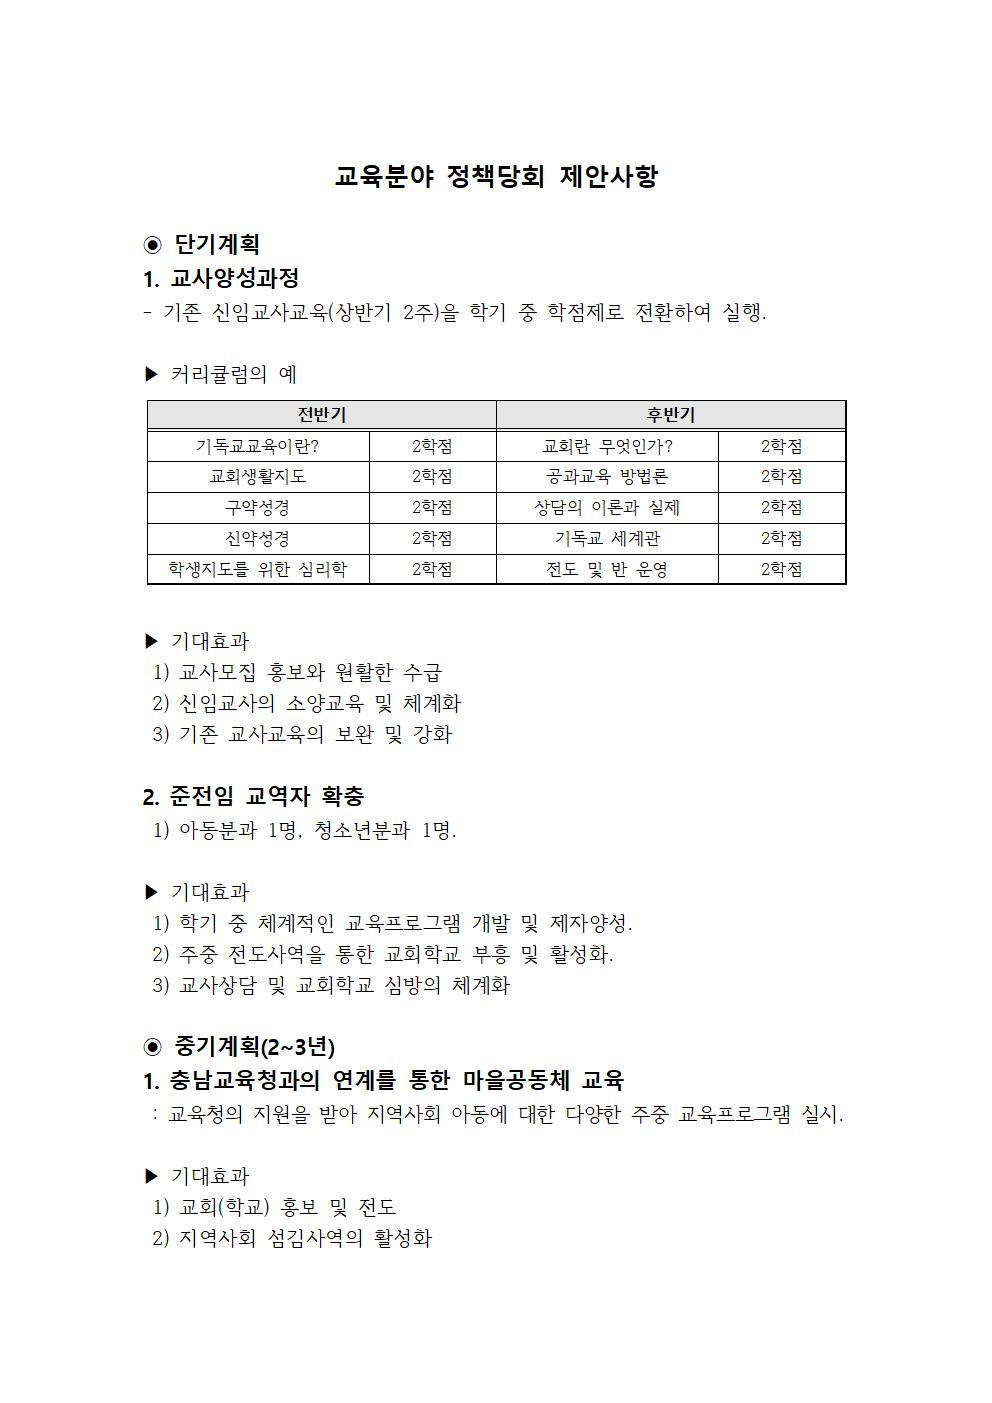 2019 교육분야 정책당회 제안사항001.jpg